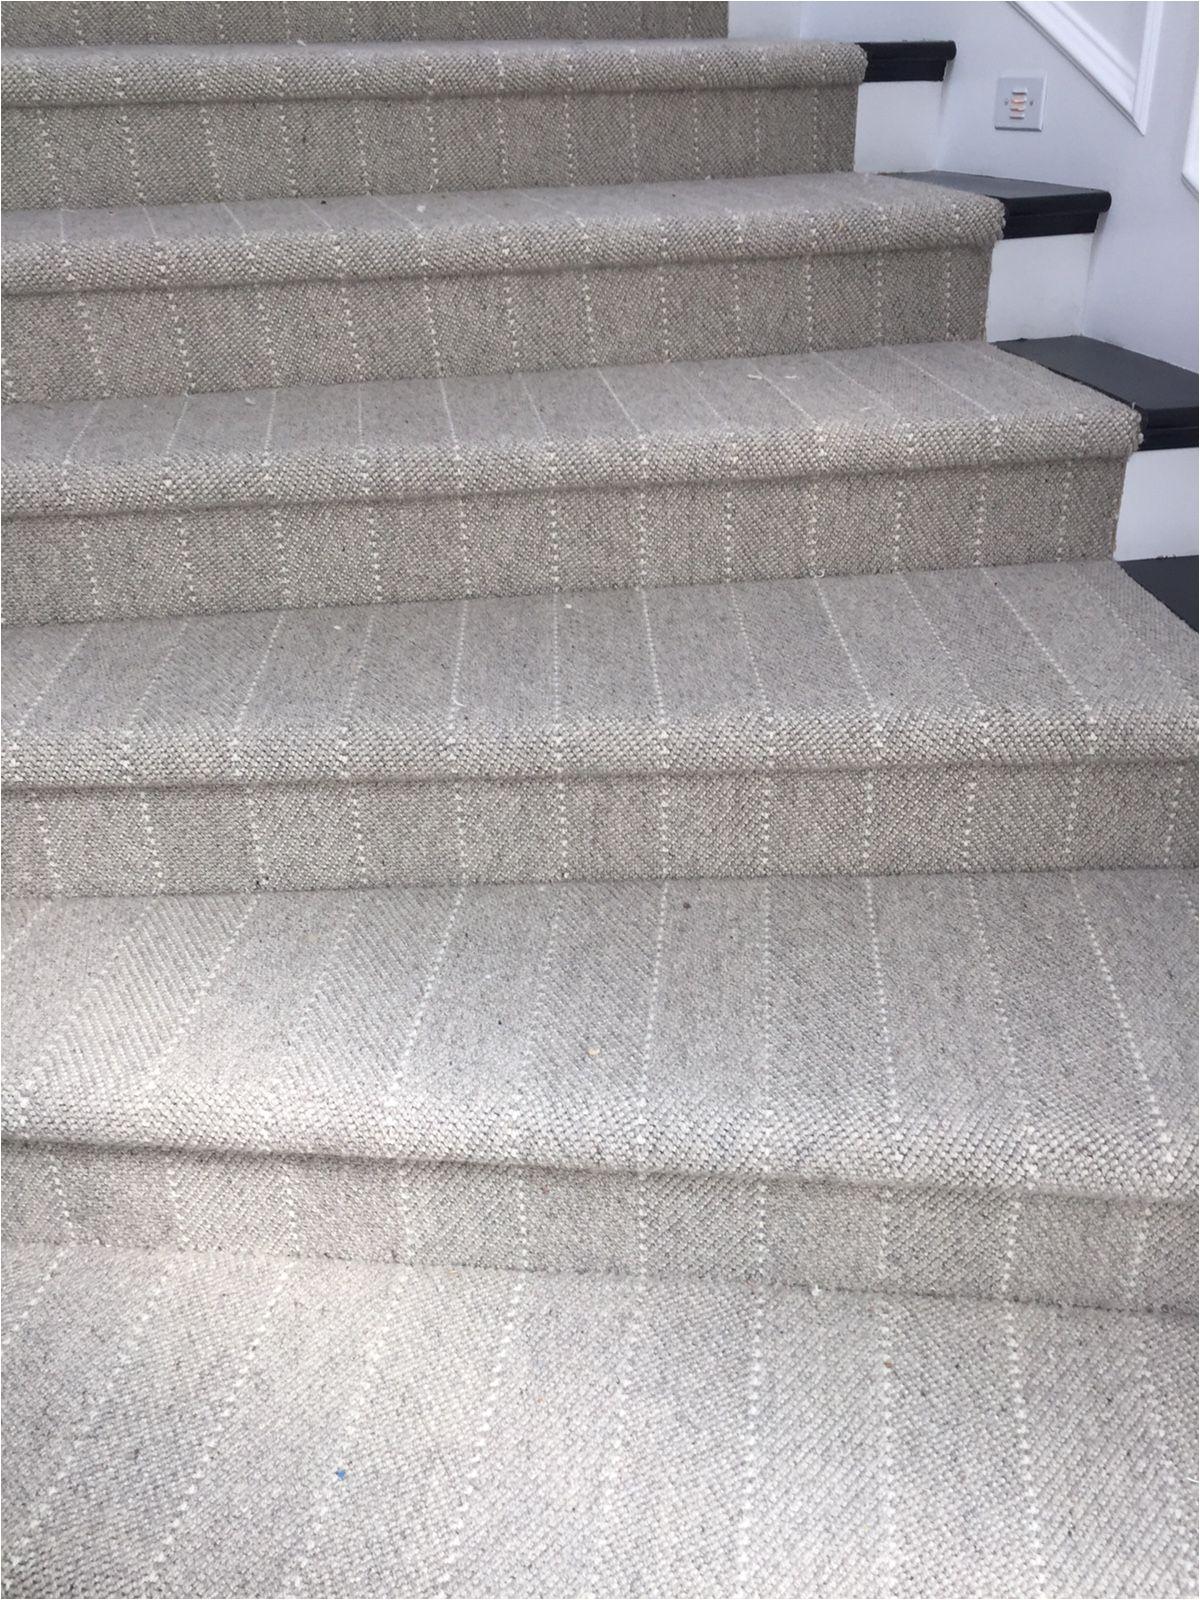 great looking neutral stripe stair runner